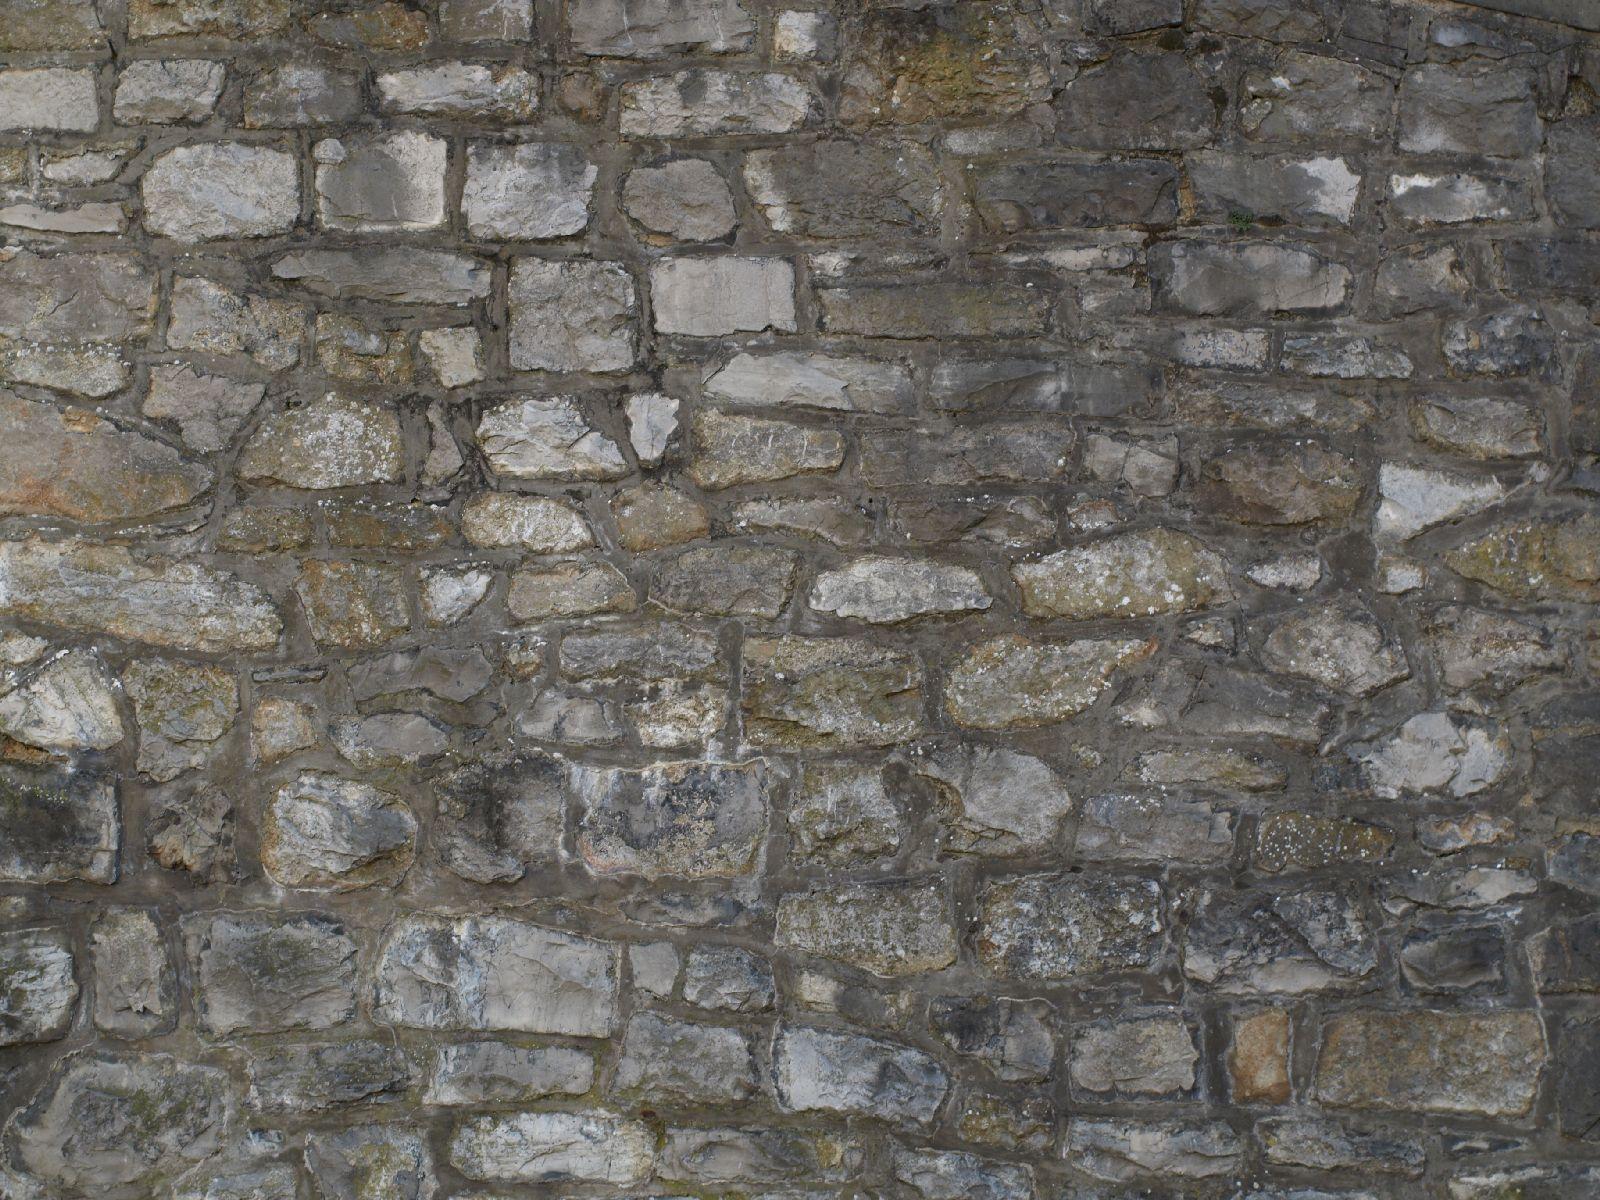 Wand-Bruchstein_Textur_A_P8164429